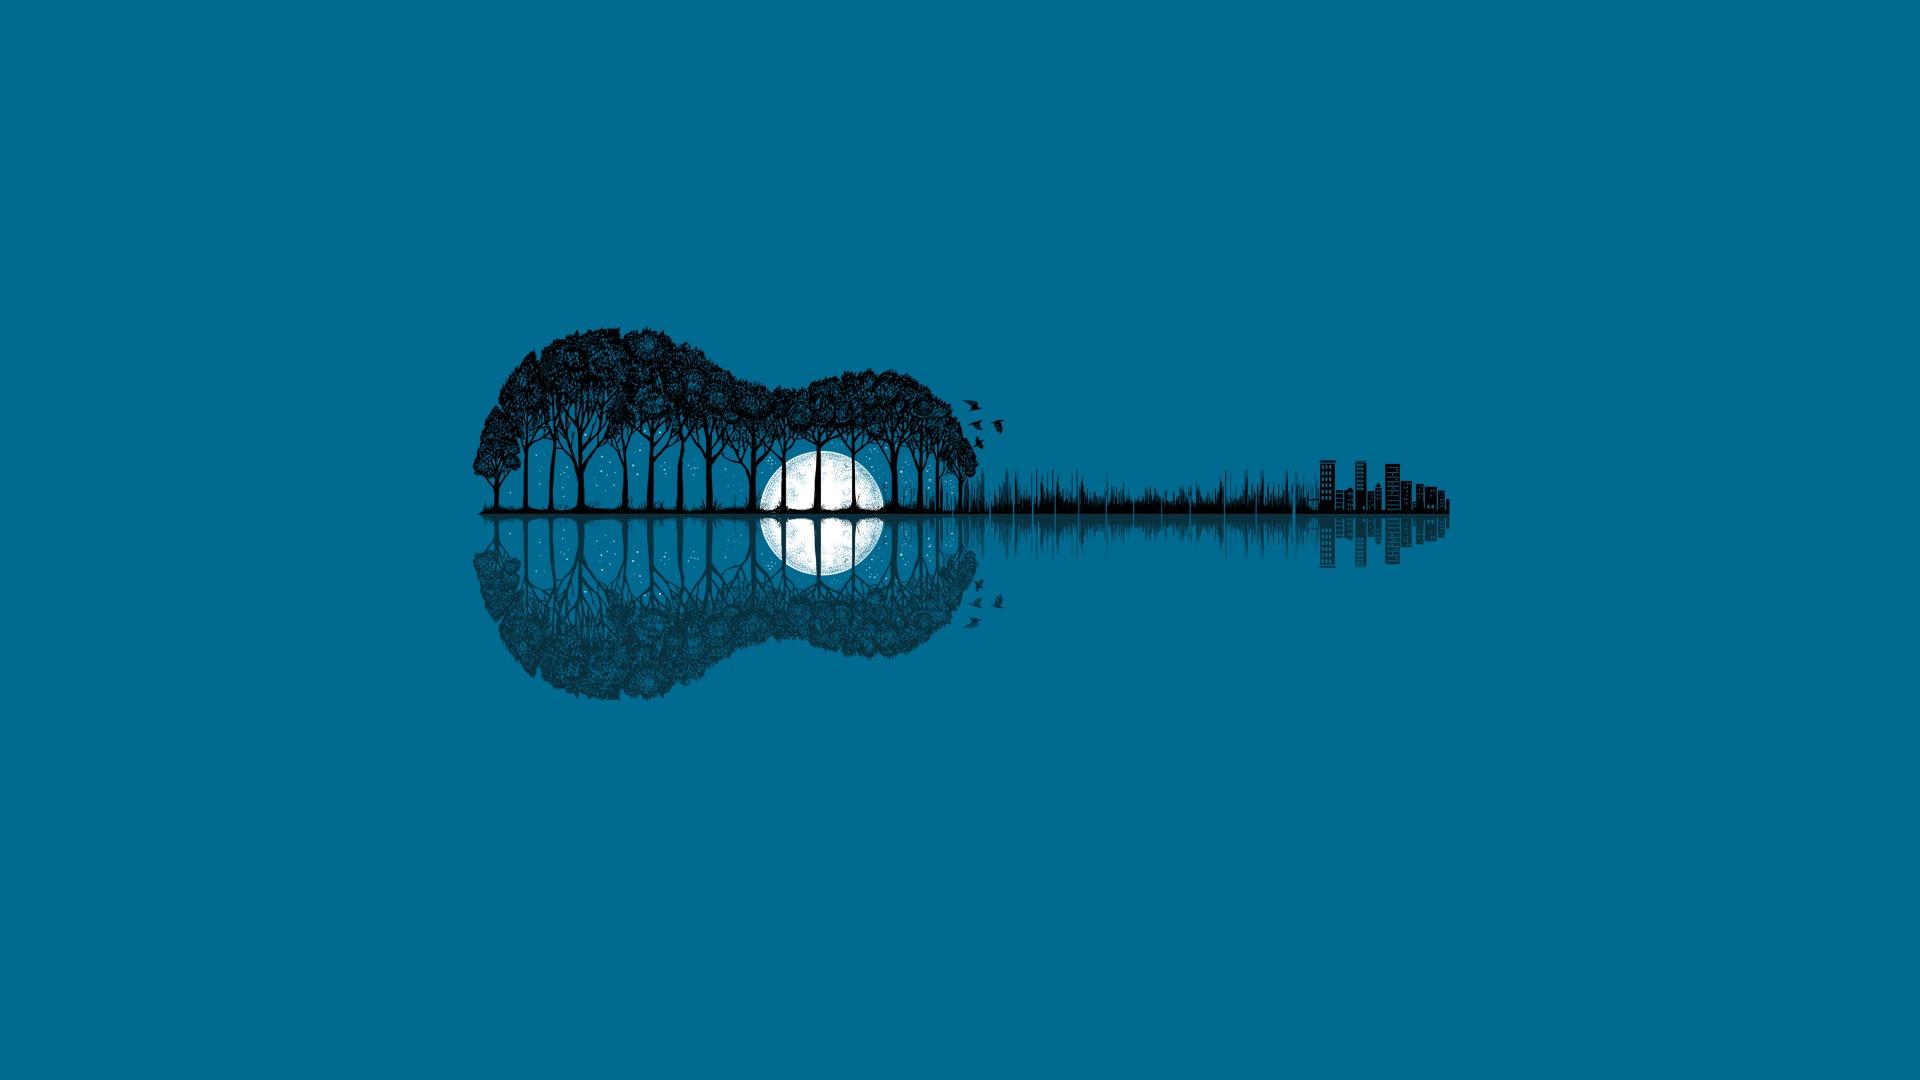 Картинка: Гитара, деревья, луна, отражение, птицы, здания, дома, голубой фон